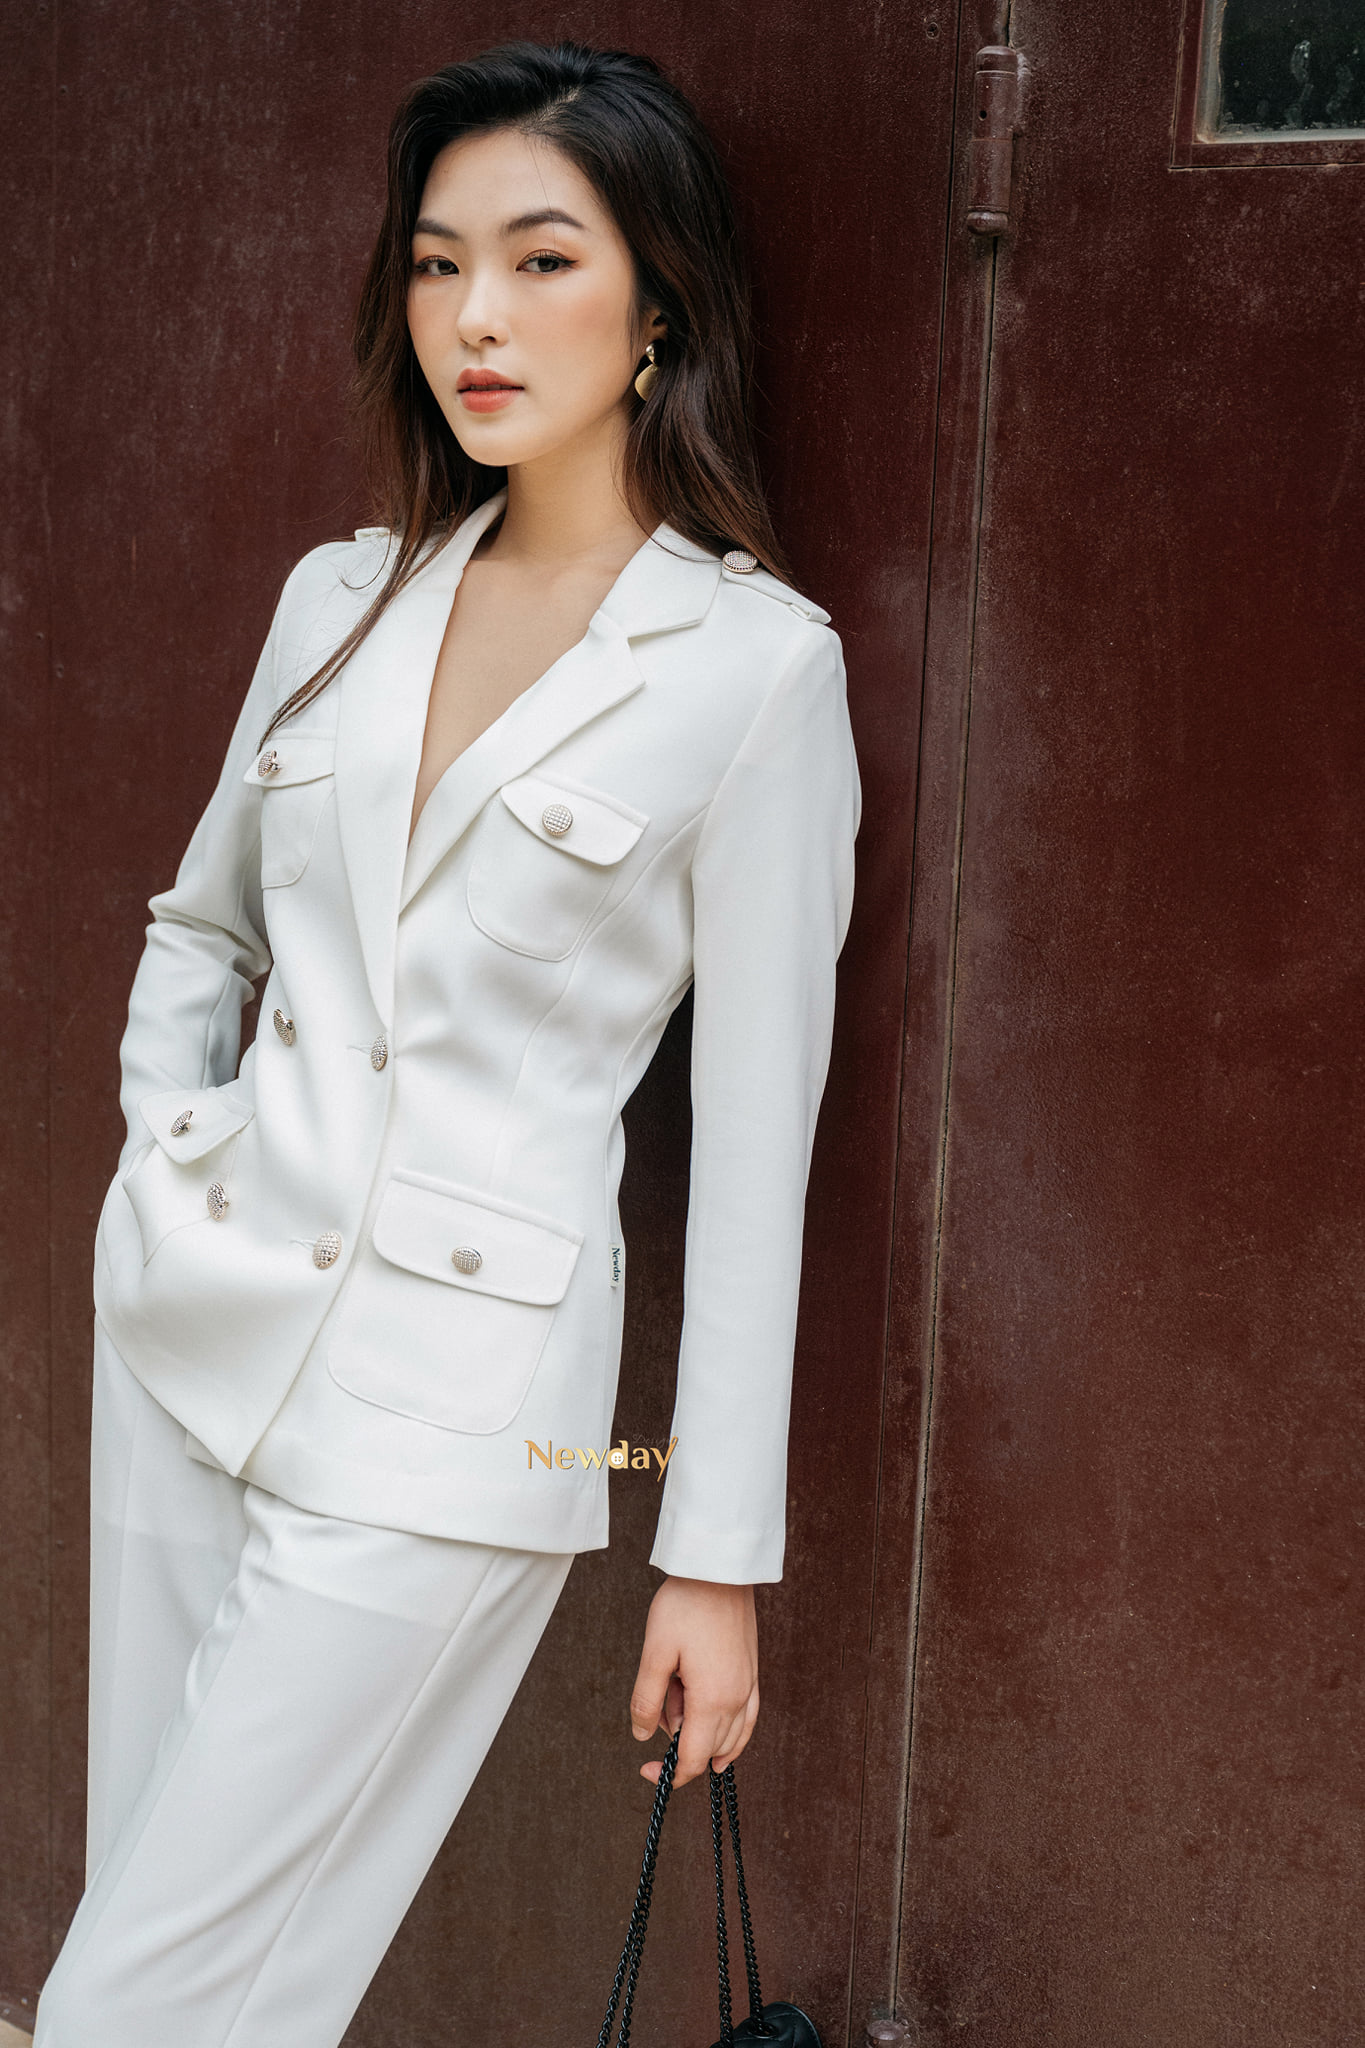 """Ai nói diện suit """"già như mợ"""" nhìn Hari Won 35 tuổi vẫn trẻ trung tươi mới thế này, chị em lại có thêm vài chiêu diện suit chanh xả ngút ngàn cho mùa mới  - Ảnh 5."""